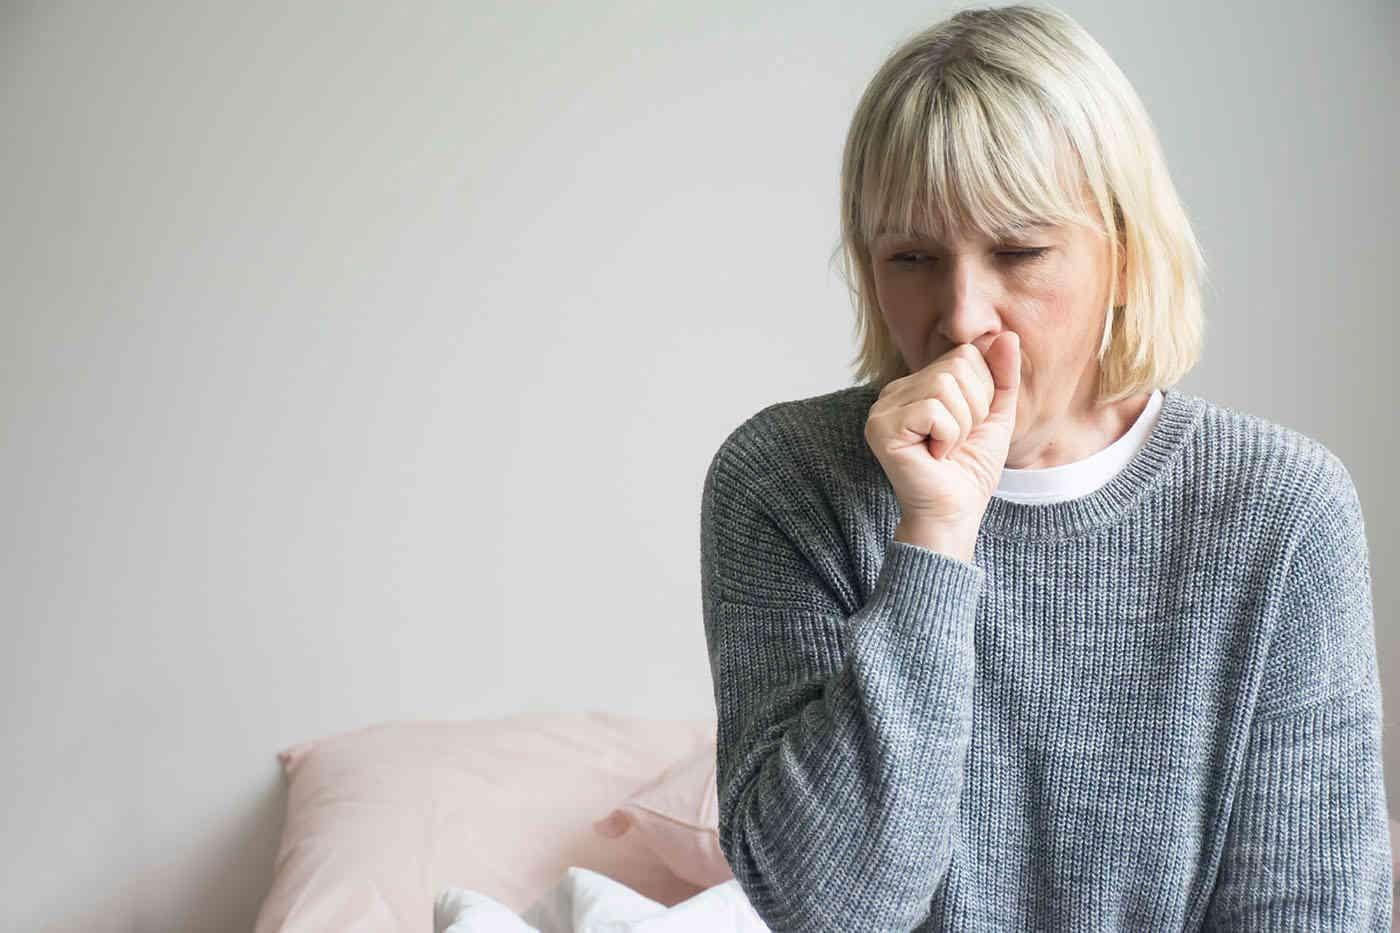 Ce inseamna bufeuri la menopauza